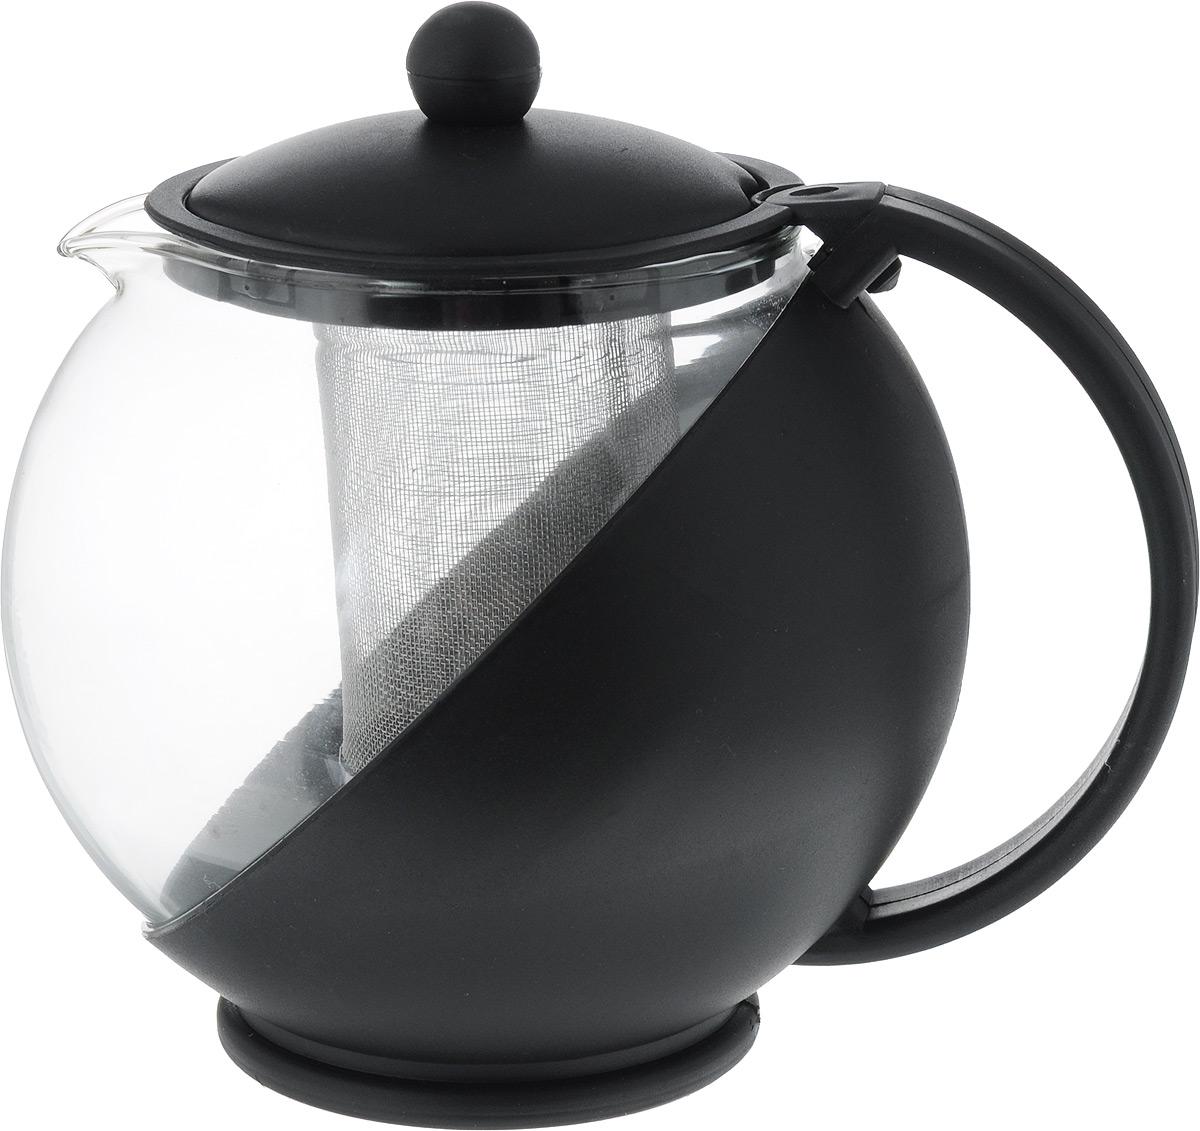 Чайник заварочный Mayer & Boch, с фильтром, цвет: прозрачный, черный, 1,25 л25739_прозрачный, черныйЗаварочный чайник Mayer & Boch изготовлен из пластика и термостойкого боросиликатного стекла. Посуда из стекла позволяет максимально сохранить полезные свойства и вкусовые качества воды. Прозрачные стенки чайника придают ему эстетичности на столе и помогают определить крепость завариваемого напитка. Внутренняя сеточка для заварки также выполняет функцию фильтра, который задержит чаинки. За чайником легко ухаживать, так как его можно мыть в посудомоечной машине.Объем: 1,25 л.